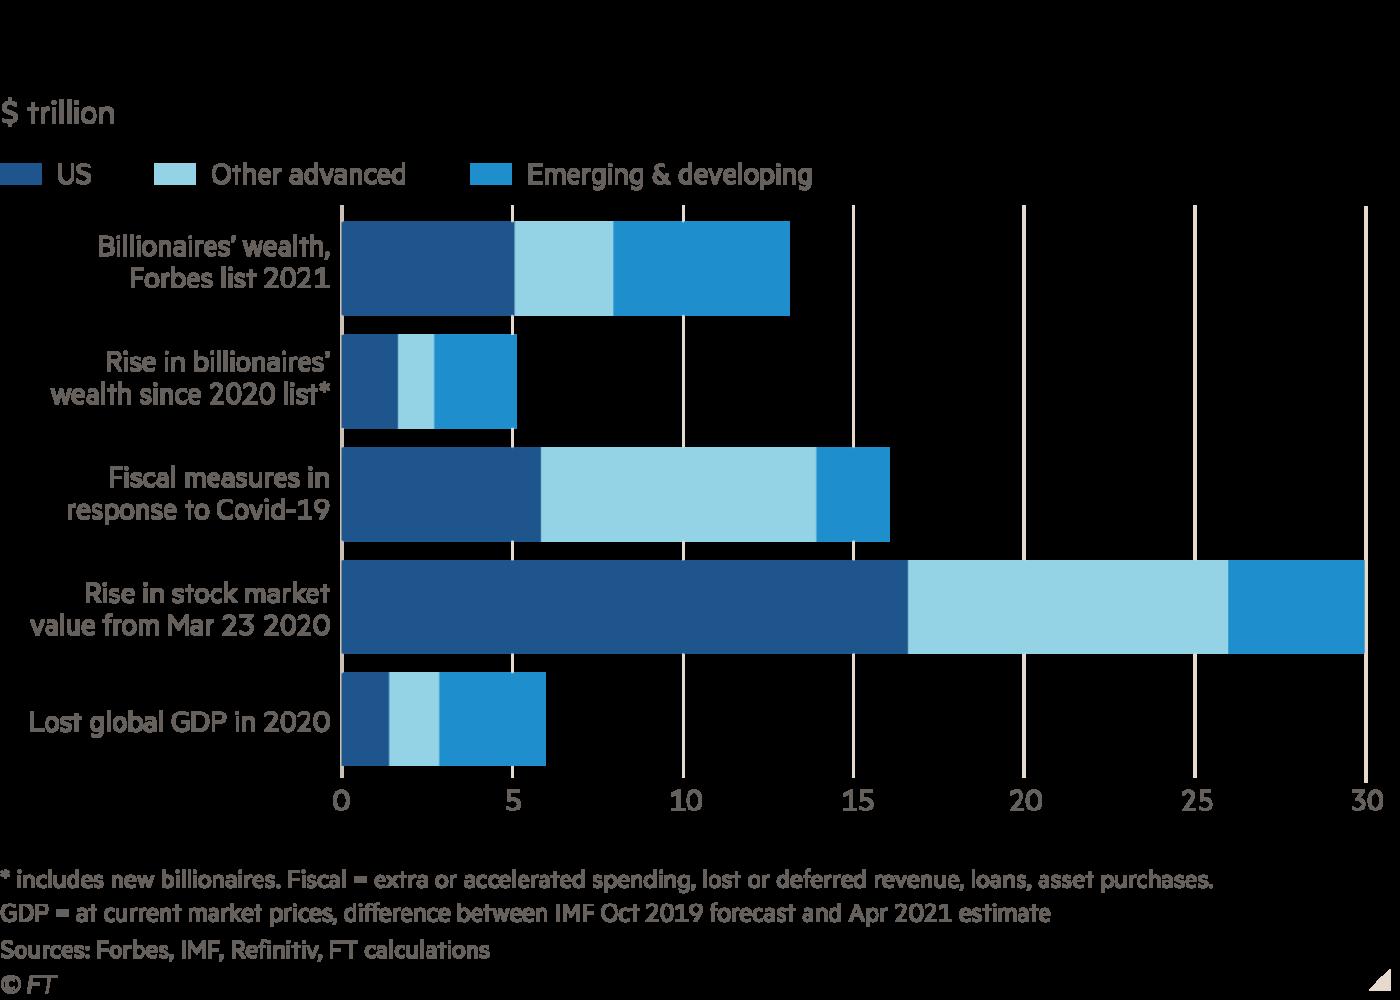 Обозначения. Шкала У — богатство миллиардеров, % от ВВП страны. Тёмно-синий цвет — США, голубой — другие развитые страны, синий — новые независимые и развивающиеся страны. Строки сверху вниз: богаство миллиардеров по списку Форбс 2021 г.; его прирост по сравнению с 2020 г.; фискальные меры в ответ на пандемию; рост на фондовой бирже с 23.03.2020 г.; потери глобального ВВП в 2020 г. (обратите внимание, довольно точно соответствующие приросту состояний сверхбогатых).